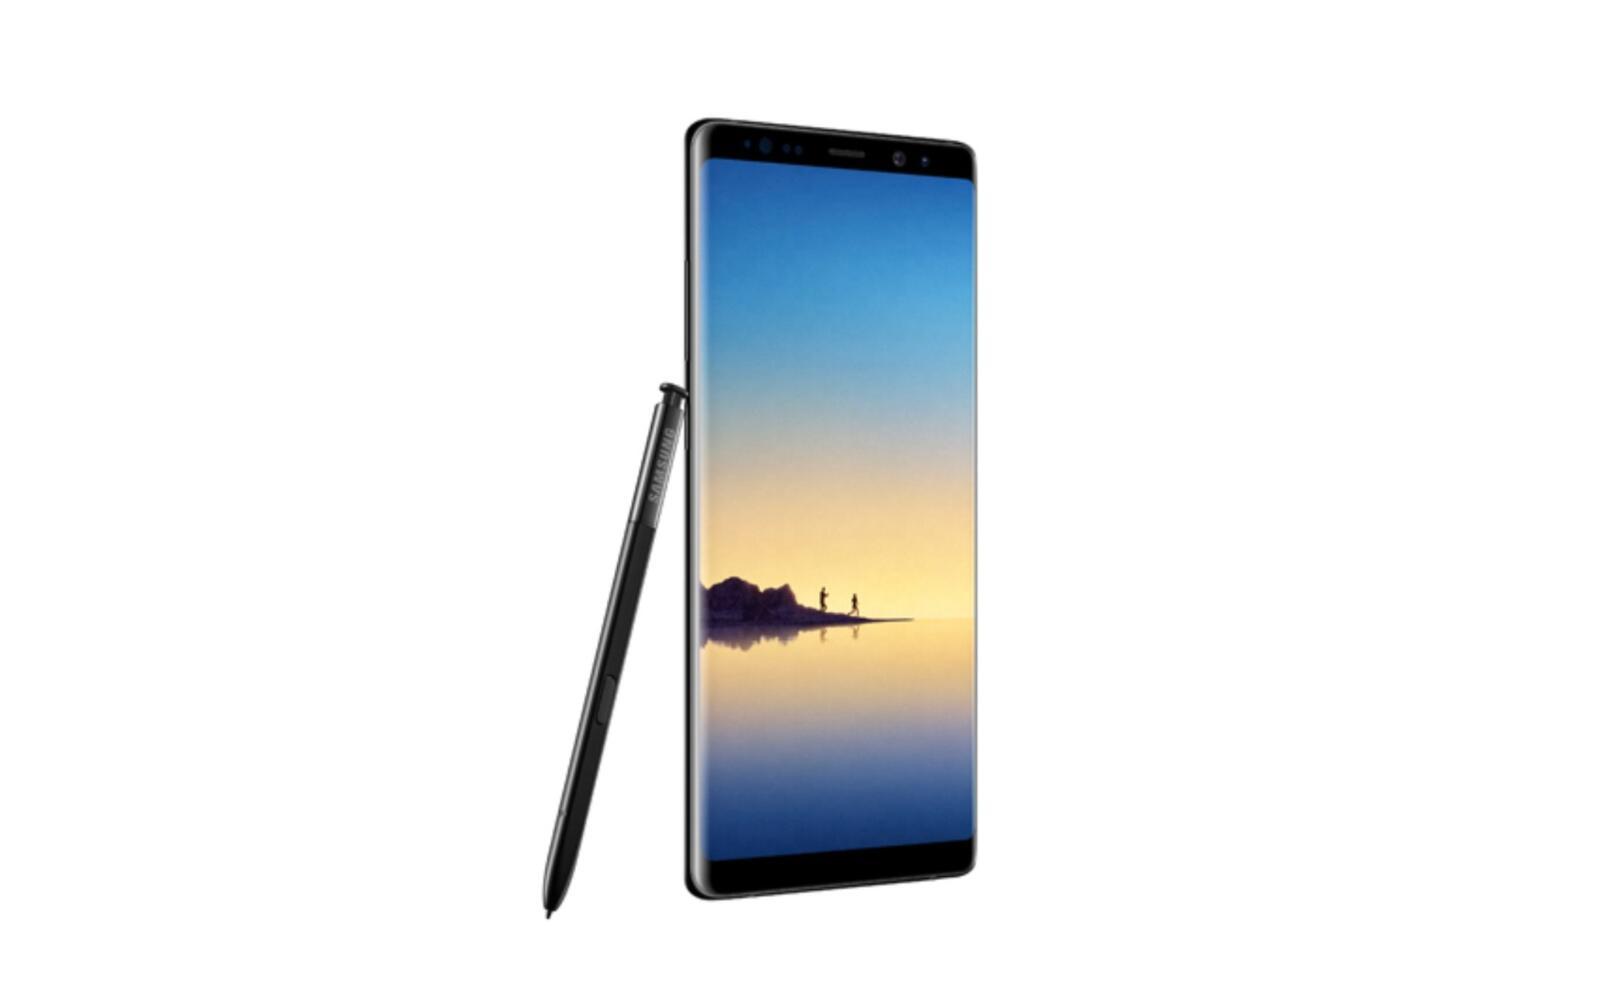 1 aff Android deutschland galaxy galaxy note 8 kaufen note s-pen Samsung spezifikationen